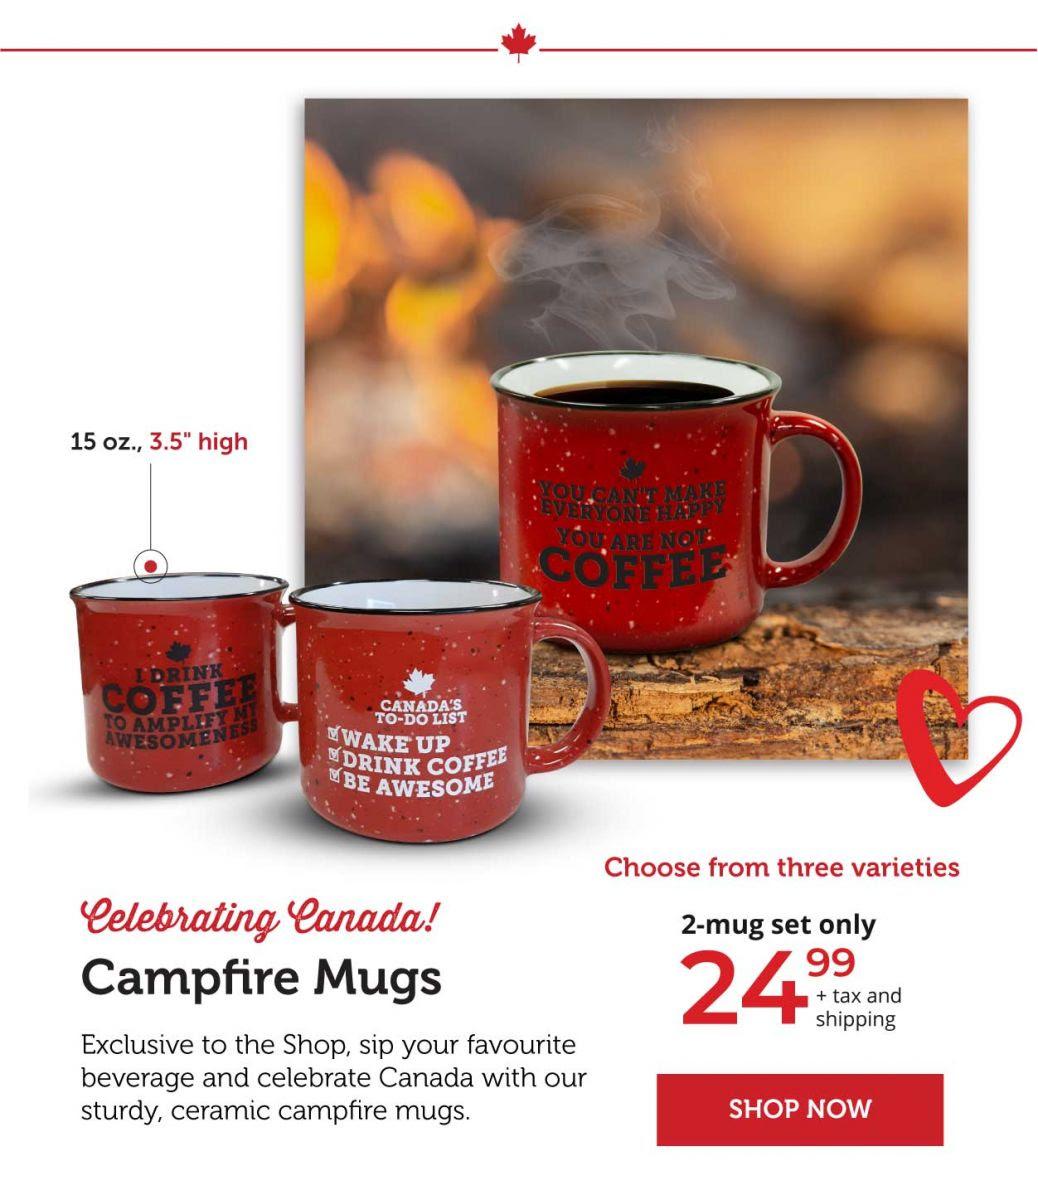 Campfire Mugs